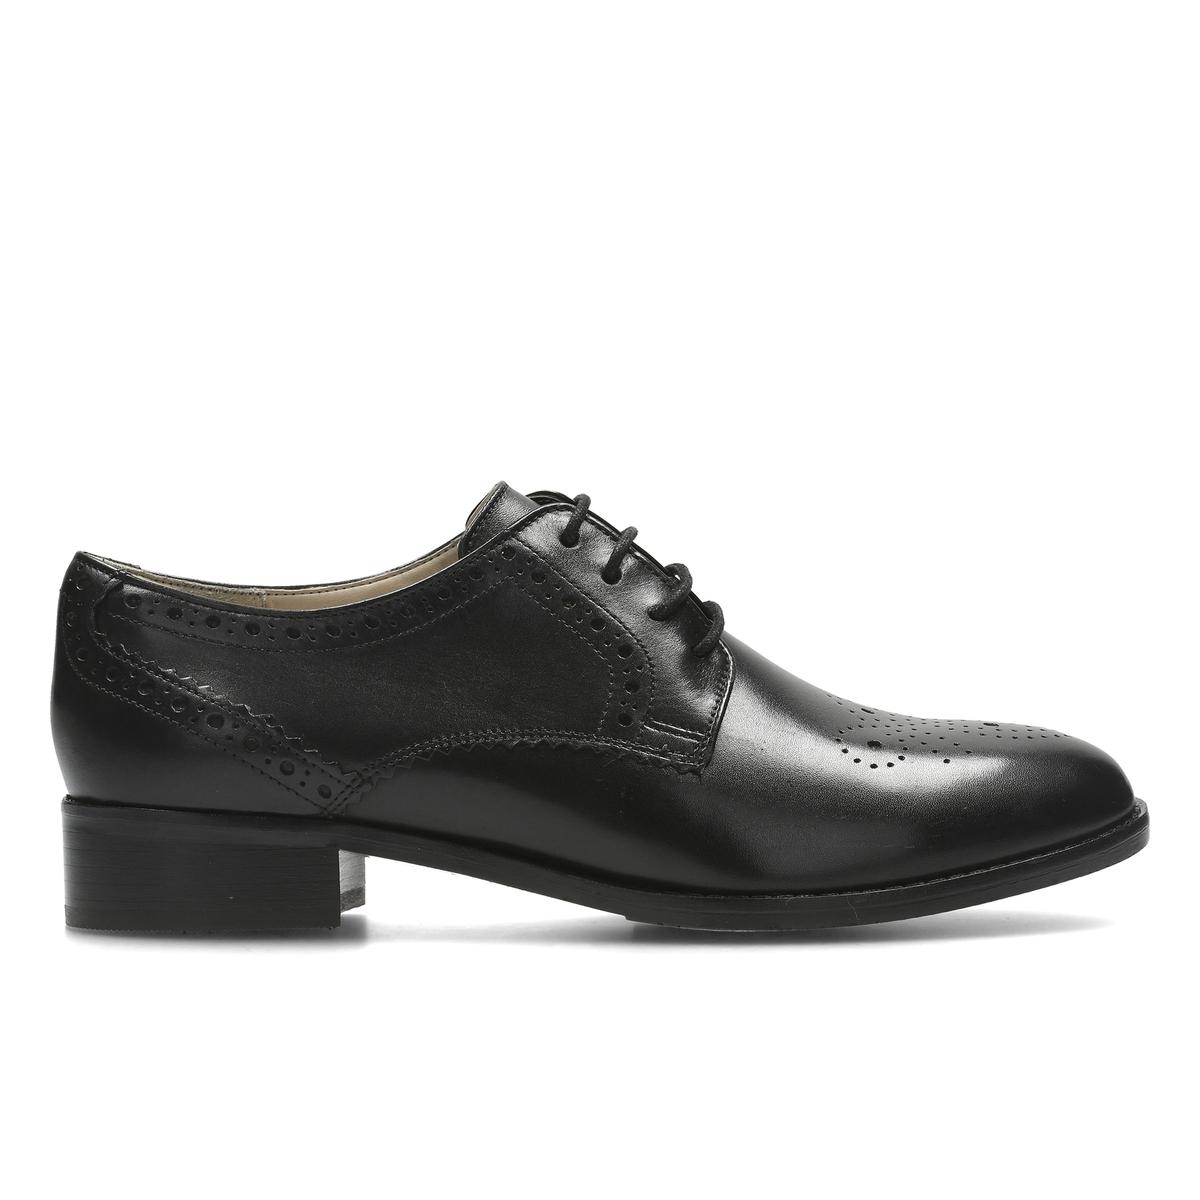 Ботинки-дерби кожаные Netley Rose ботинки дерби под кожу питона